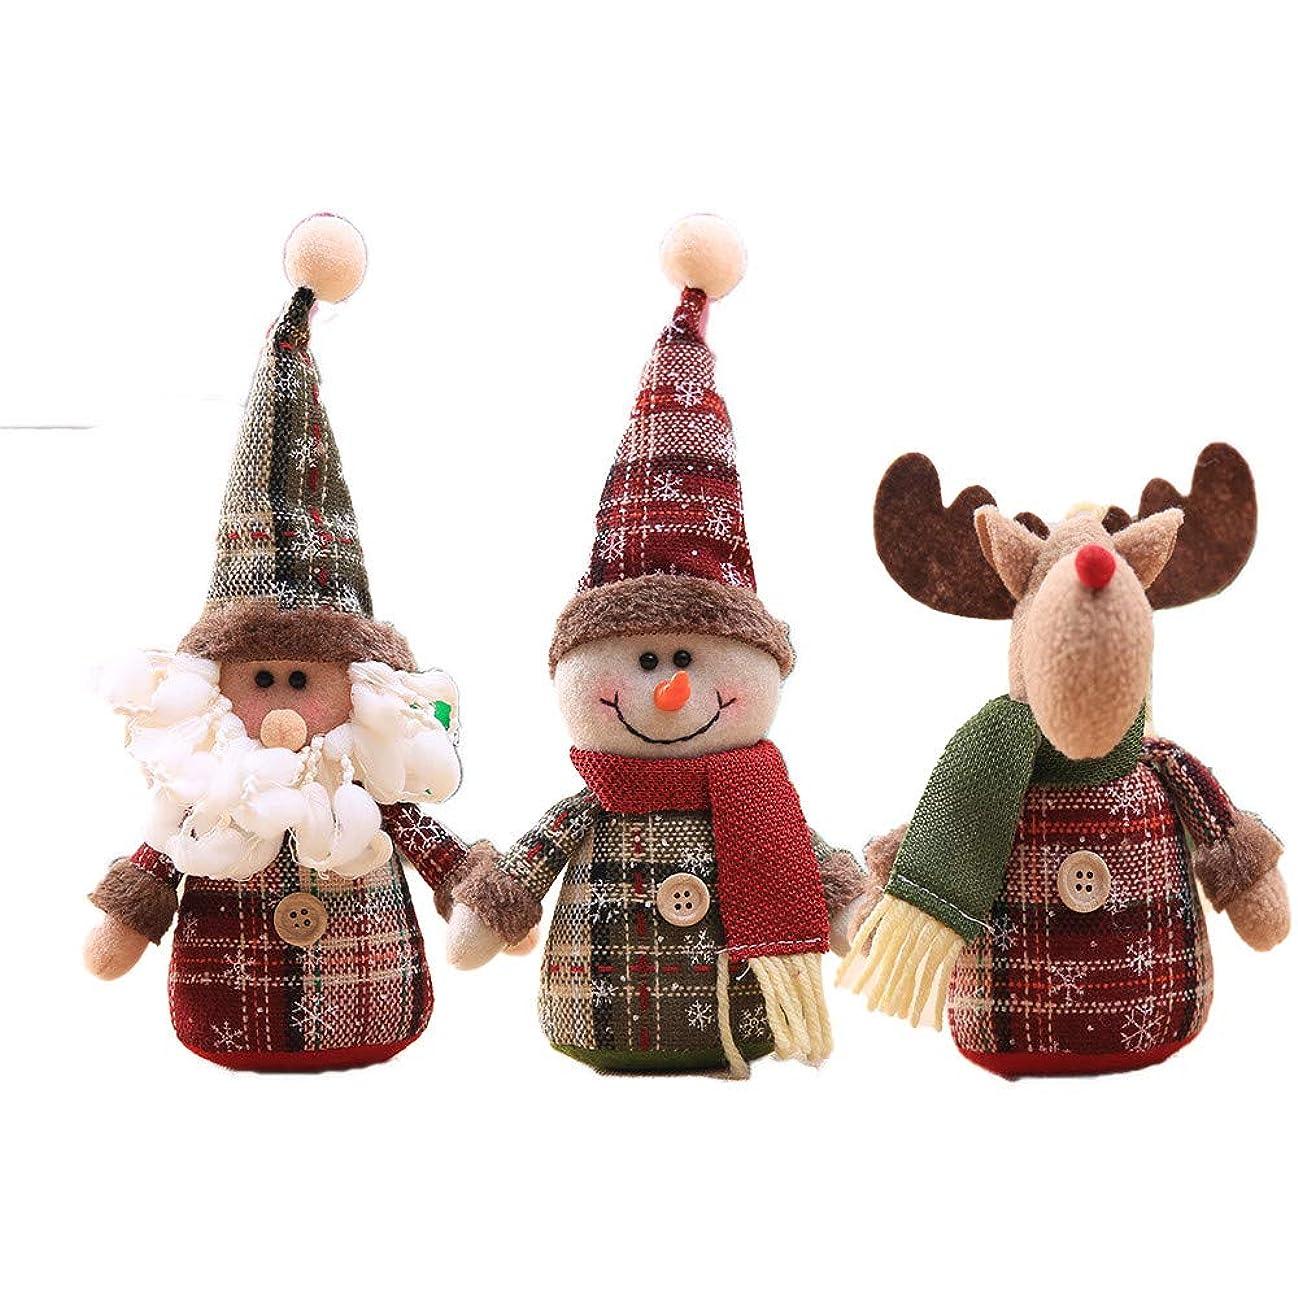 シマウマパトロール支給SIRIN クリスマス用 オーナメント クリスマスツリー飾り ぬいぐるみ クリスマス飾り 3D立体感 雪だるま サンタクロース ヘラジカ エルカ サンタクロースペンダント人形 吊り装飾用 クリスマス用品 おもちゃ クリスマスデコレーション オーナメント クリスマス雰囲気満載 3個セット 6個セット 壁掛け 玄関飾り インテリア (A3個セット)